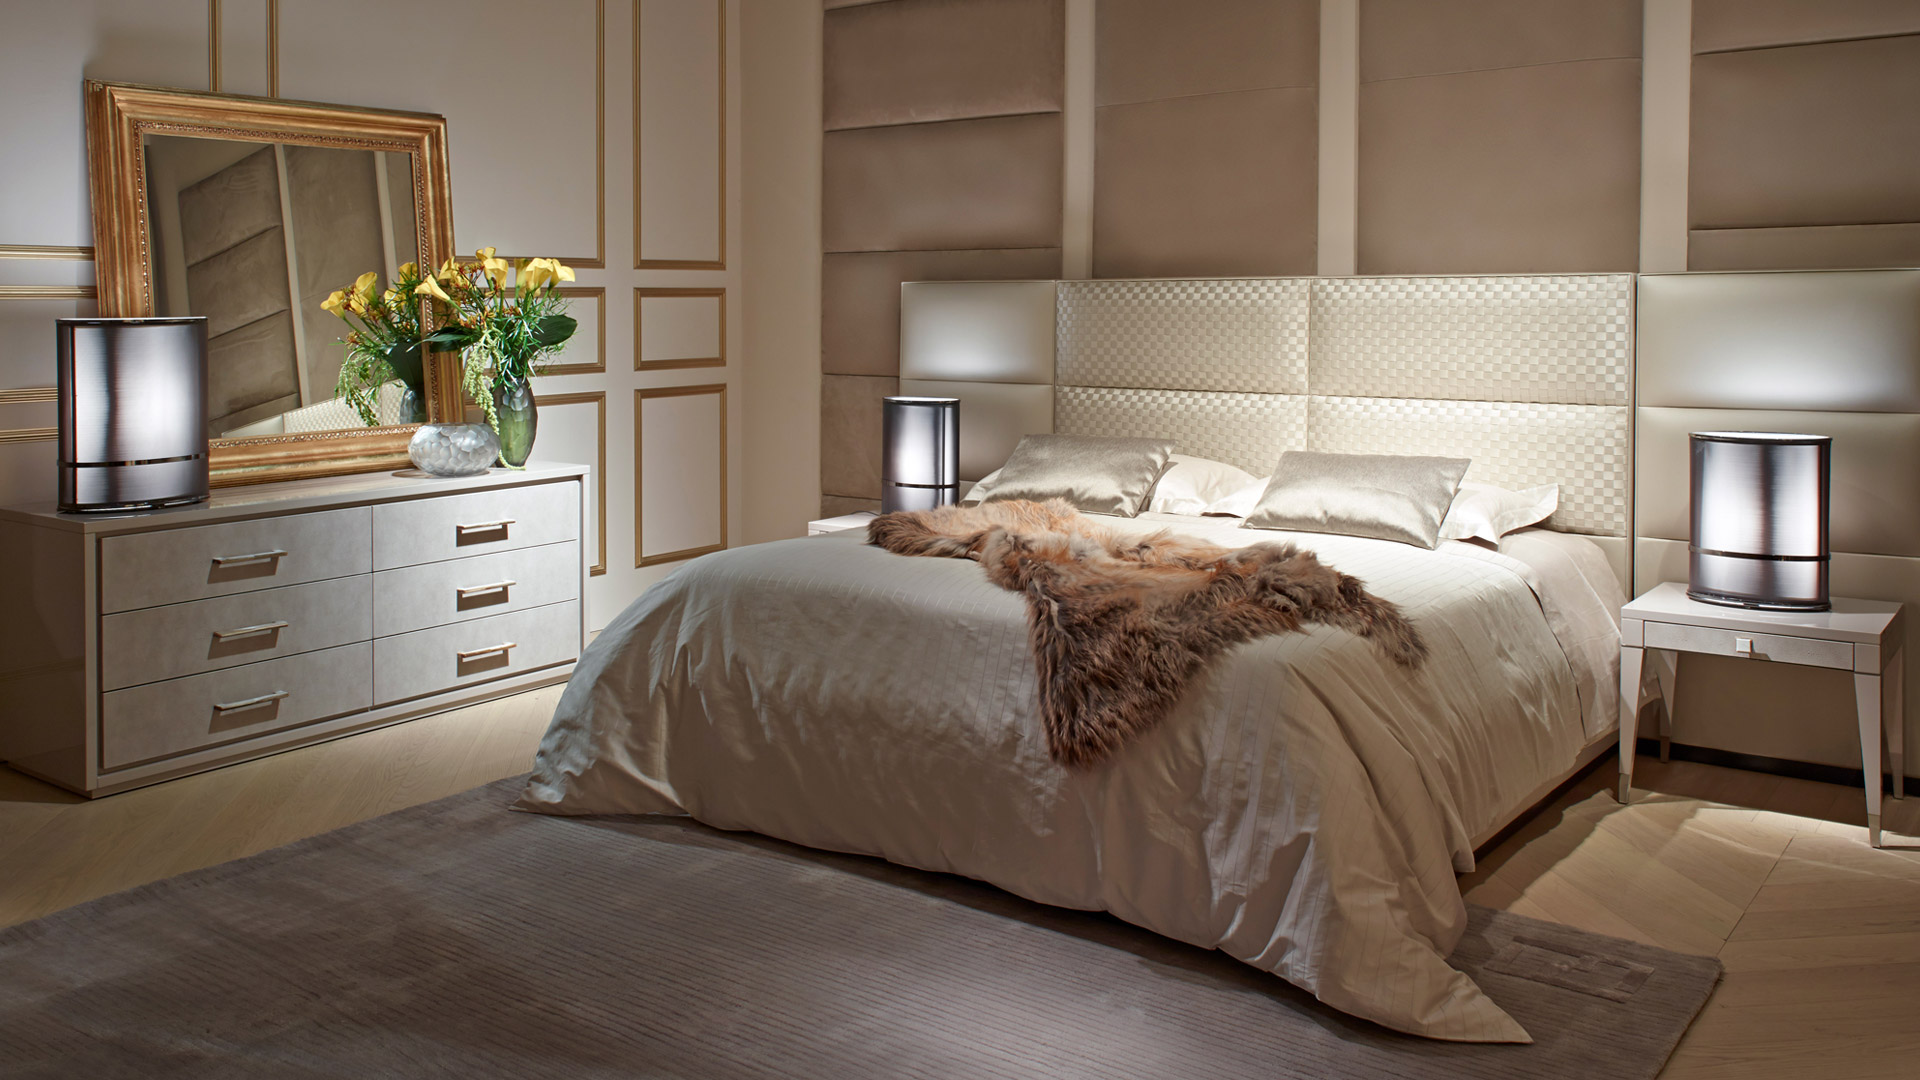 Camere da letto fendi 2013 1 design mon amour - Camere da letto 2015 ...